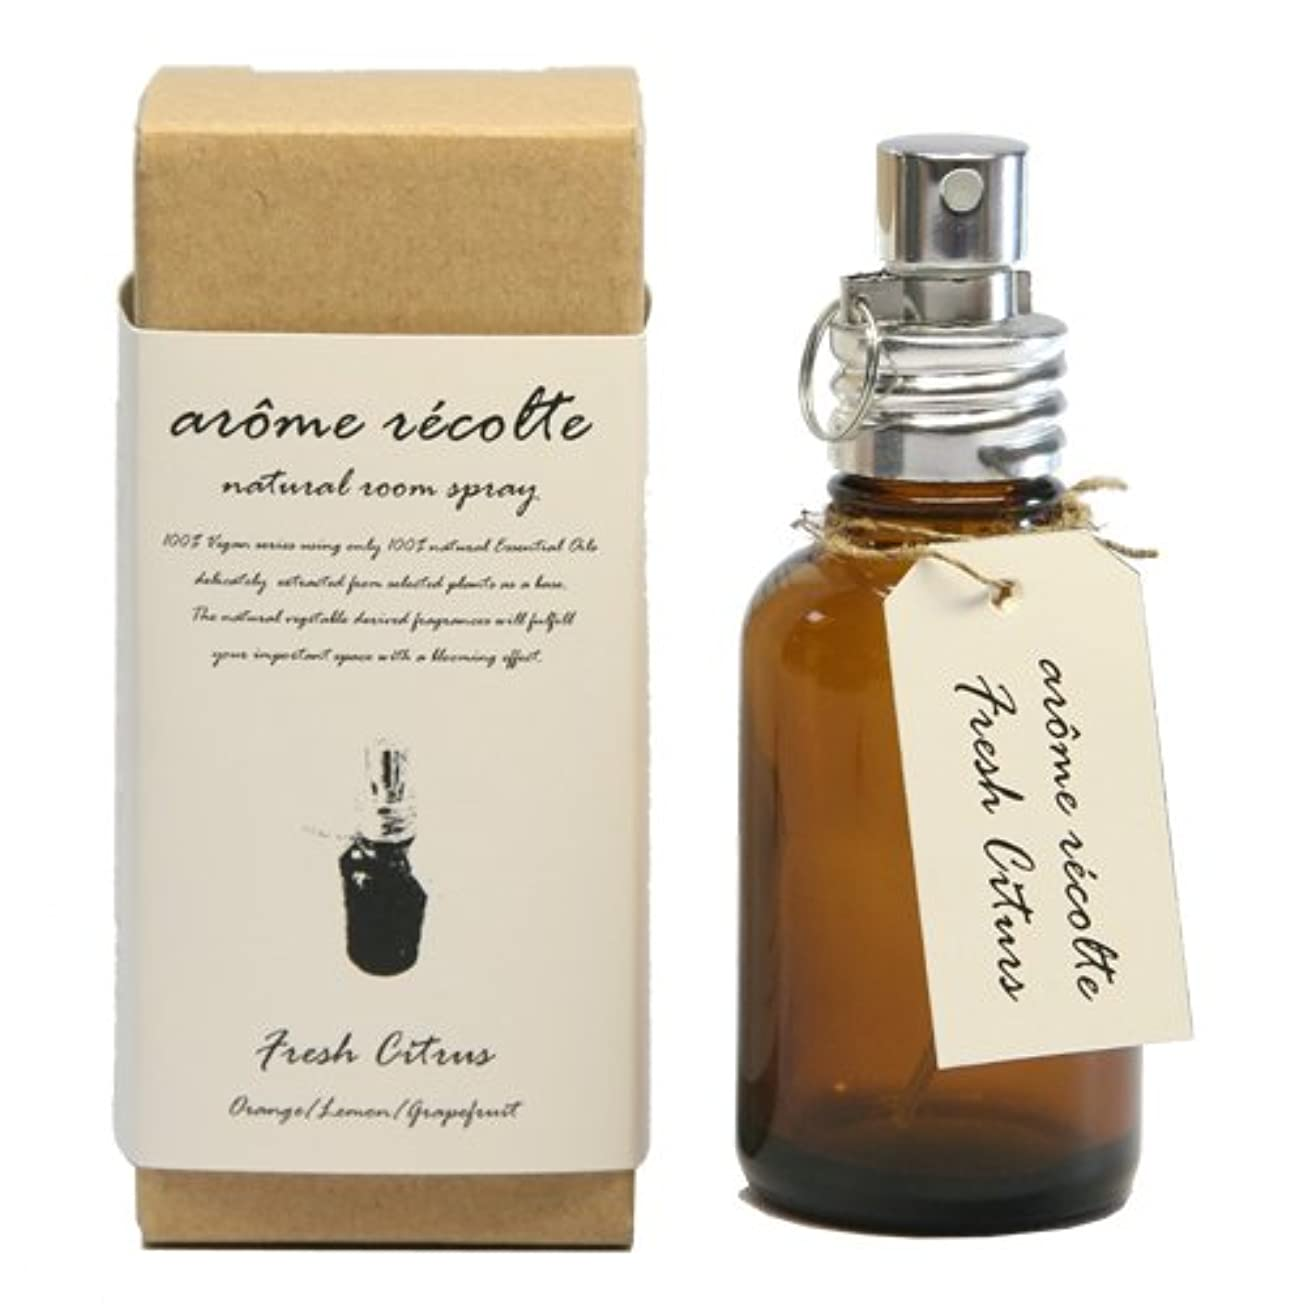 アロマレコルト ナチュラルルームスプレー  フレッシュシトラス【Fresh Citurs】 arome rcolte